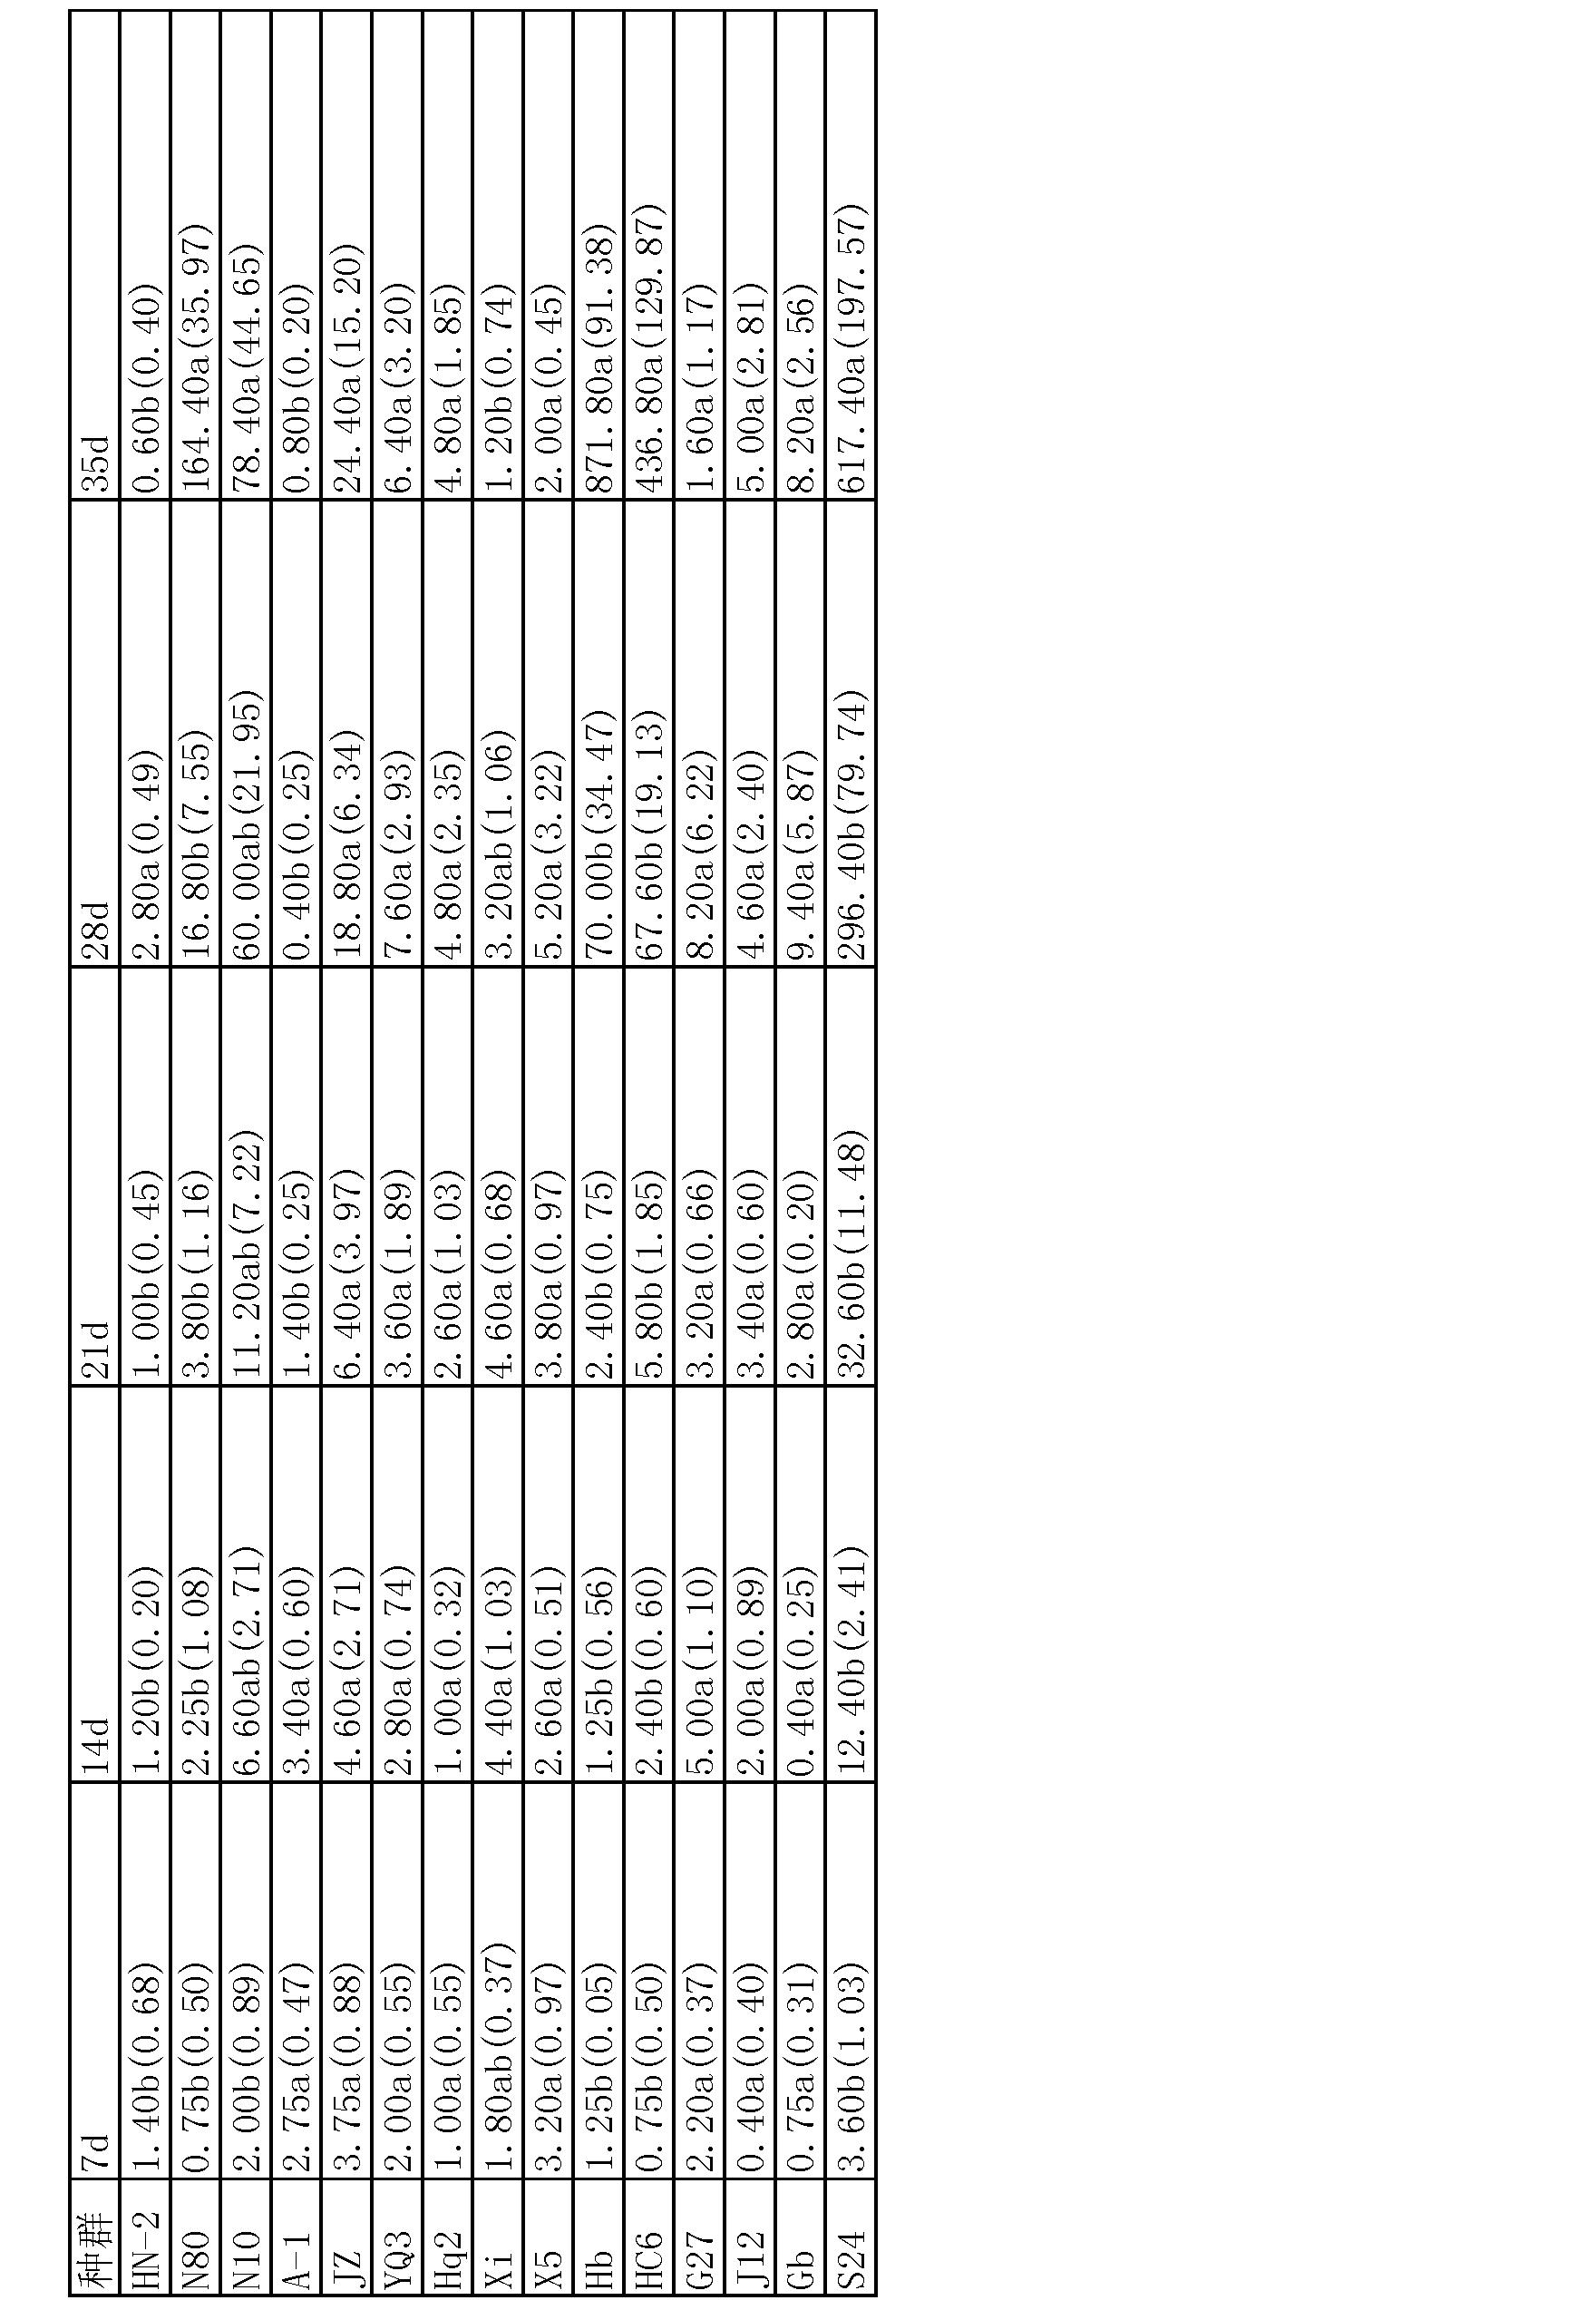 一种利用胡萝卜愈伤组织培养水稻干尖线虫的方法 技术领域 [0001] 本发明涉及一种植物线虫的培养方法,具体涉及一种利用胡萝卜愈伤组织培养水稻干尖线虫的方法。 背景技术 [0002]水稻干尖线虫besseyi Christie, 1942)病最早于 1915 年在日本,在20世纪40年代由日本传入中国,曾被列为中国对内检疫对象,后因采取严格检疫和种子处理措施,该病害在20世纪80年代基本受到控制。但是近10多年,该病害的发生范围和为害严重度又开始加大,目前在我国主要稻区均有分布,局部地区发生和为害严重。水